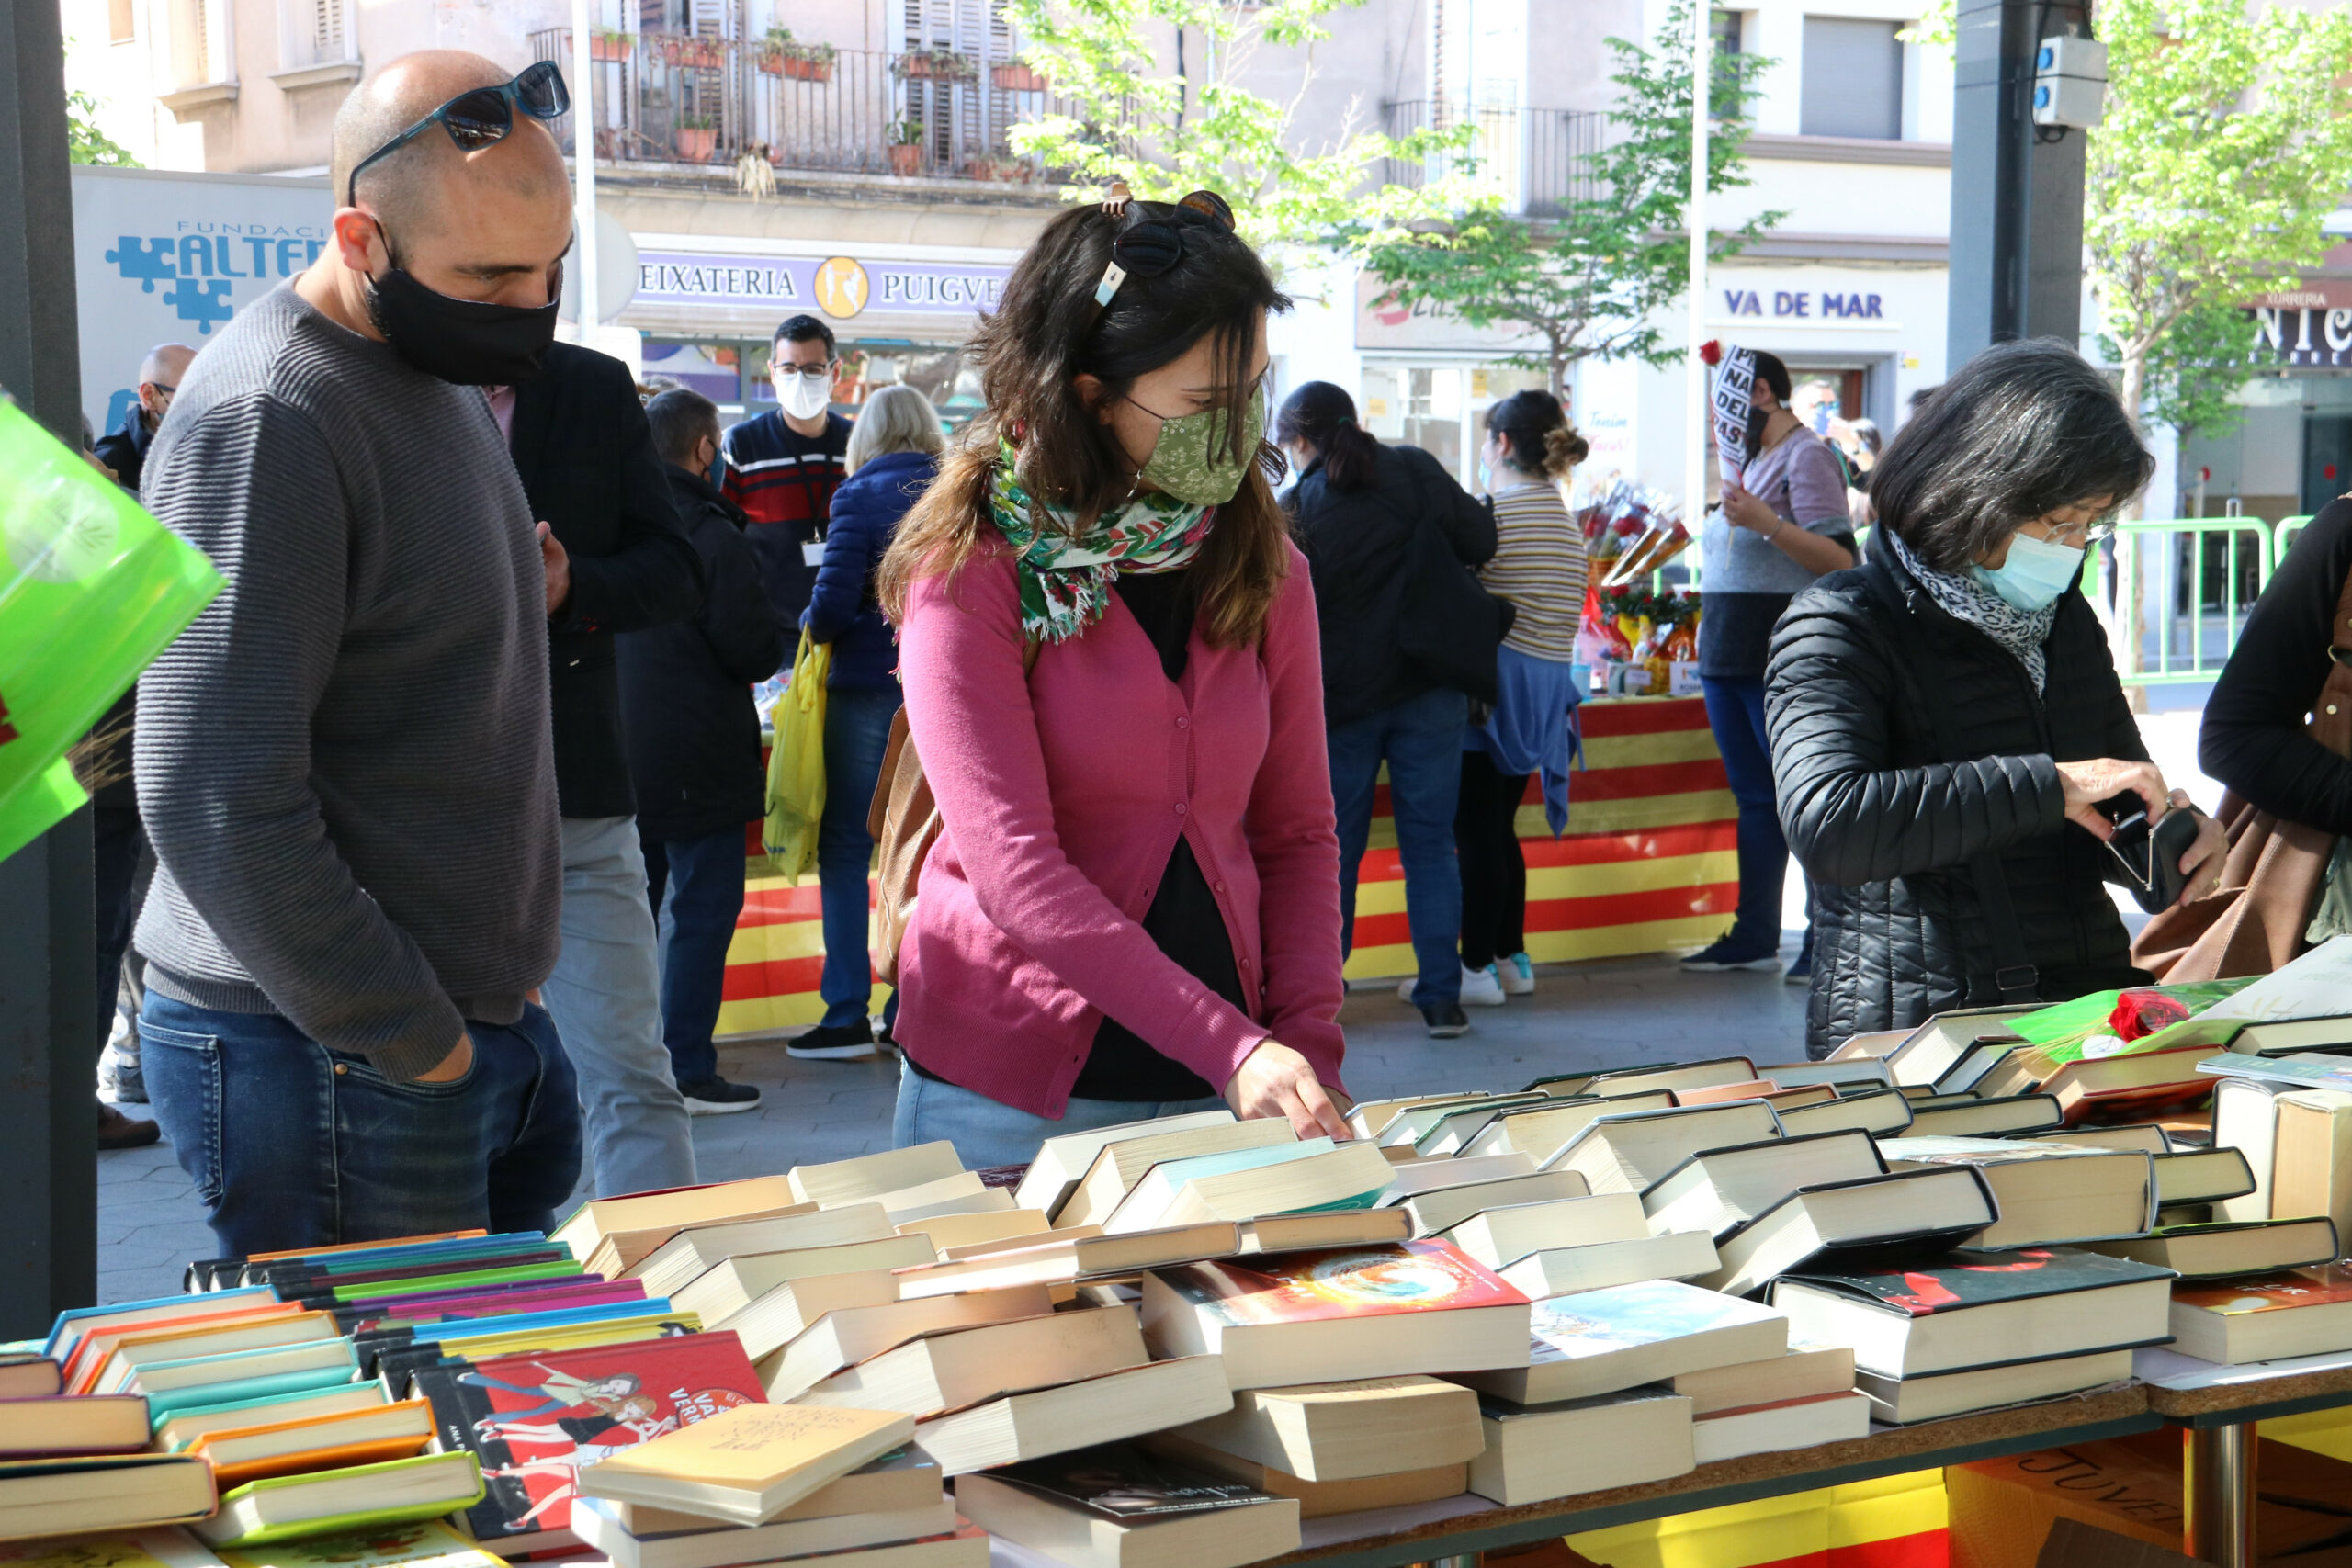 Unes persones mirant llibres en una parada de la plaça Catalunya de Figueres   ACN